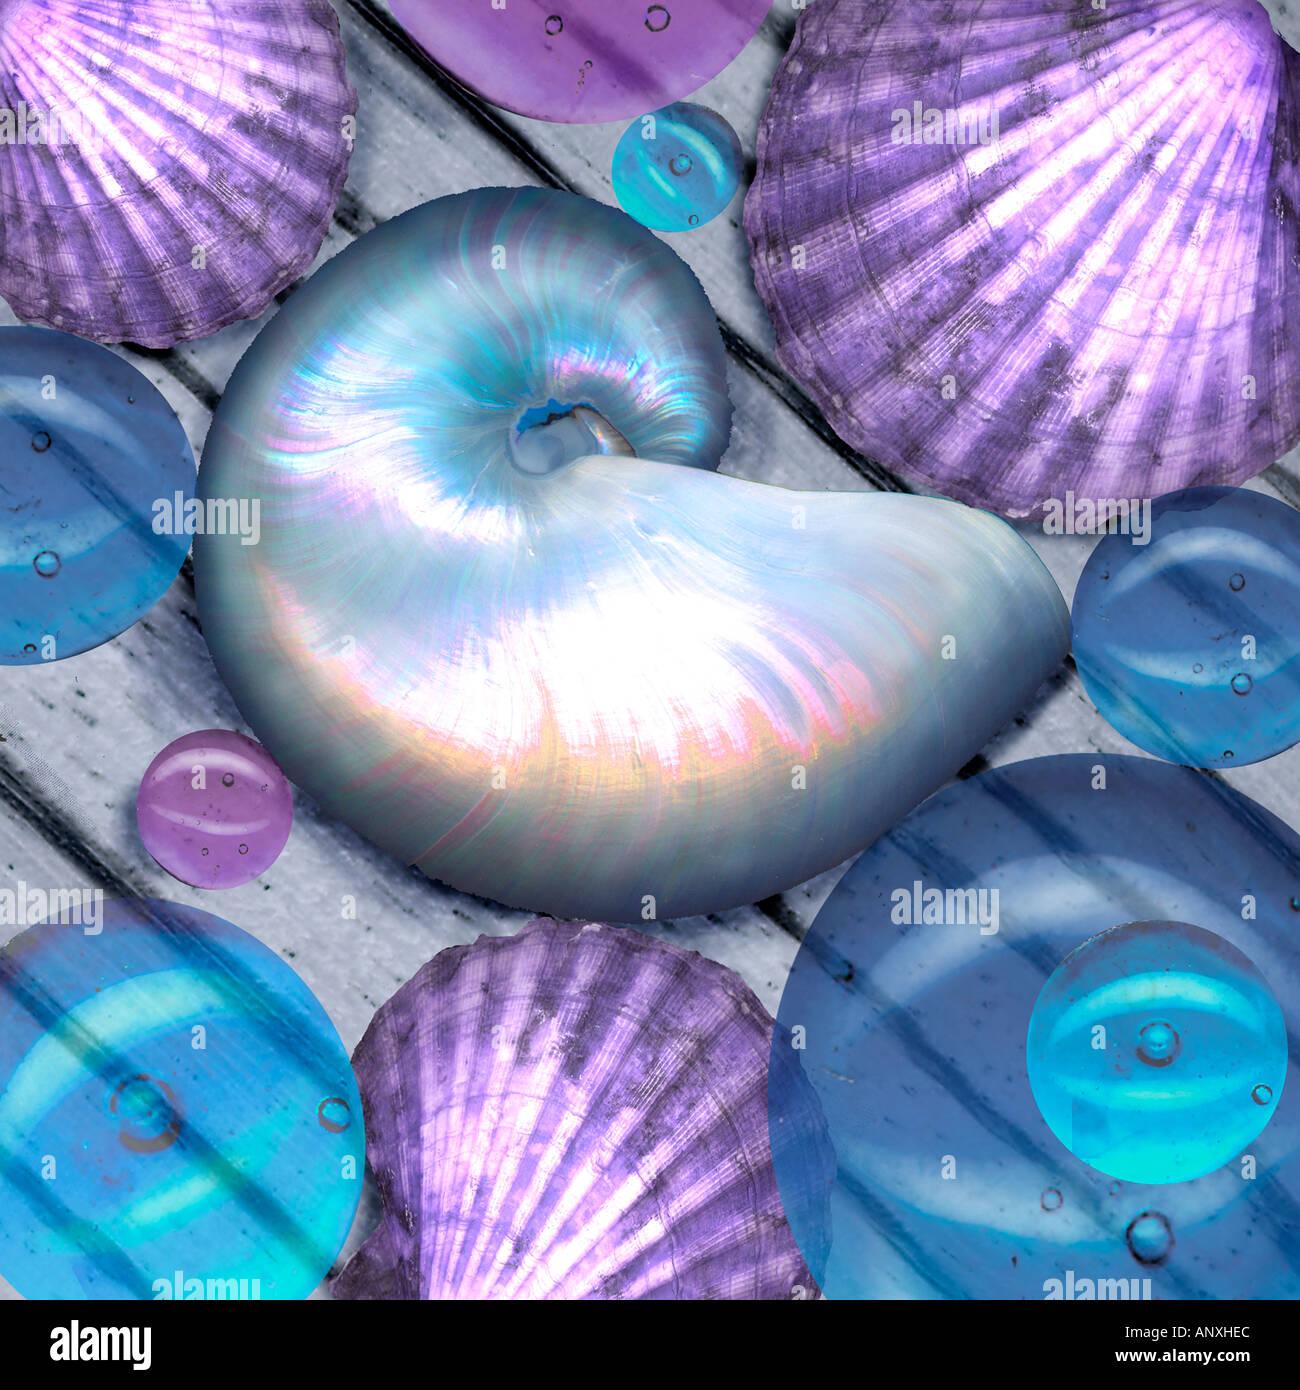 La vie encore des bulles sur les planches de bois photo illustration graphique nautilus Photo Stock